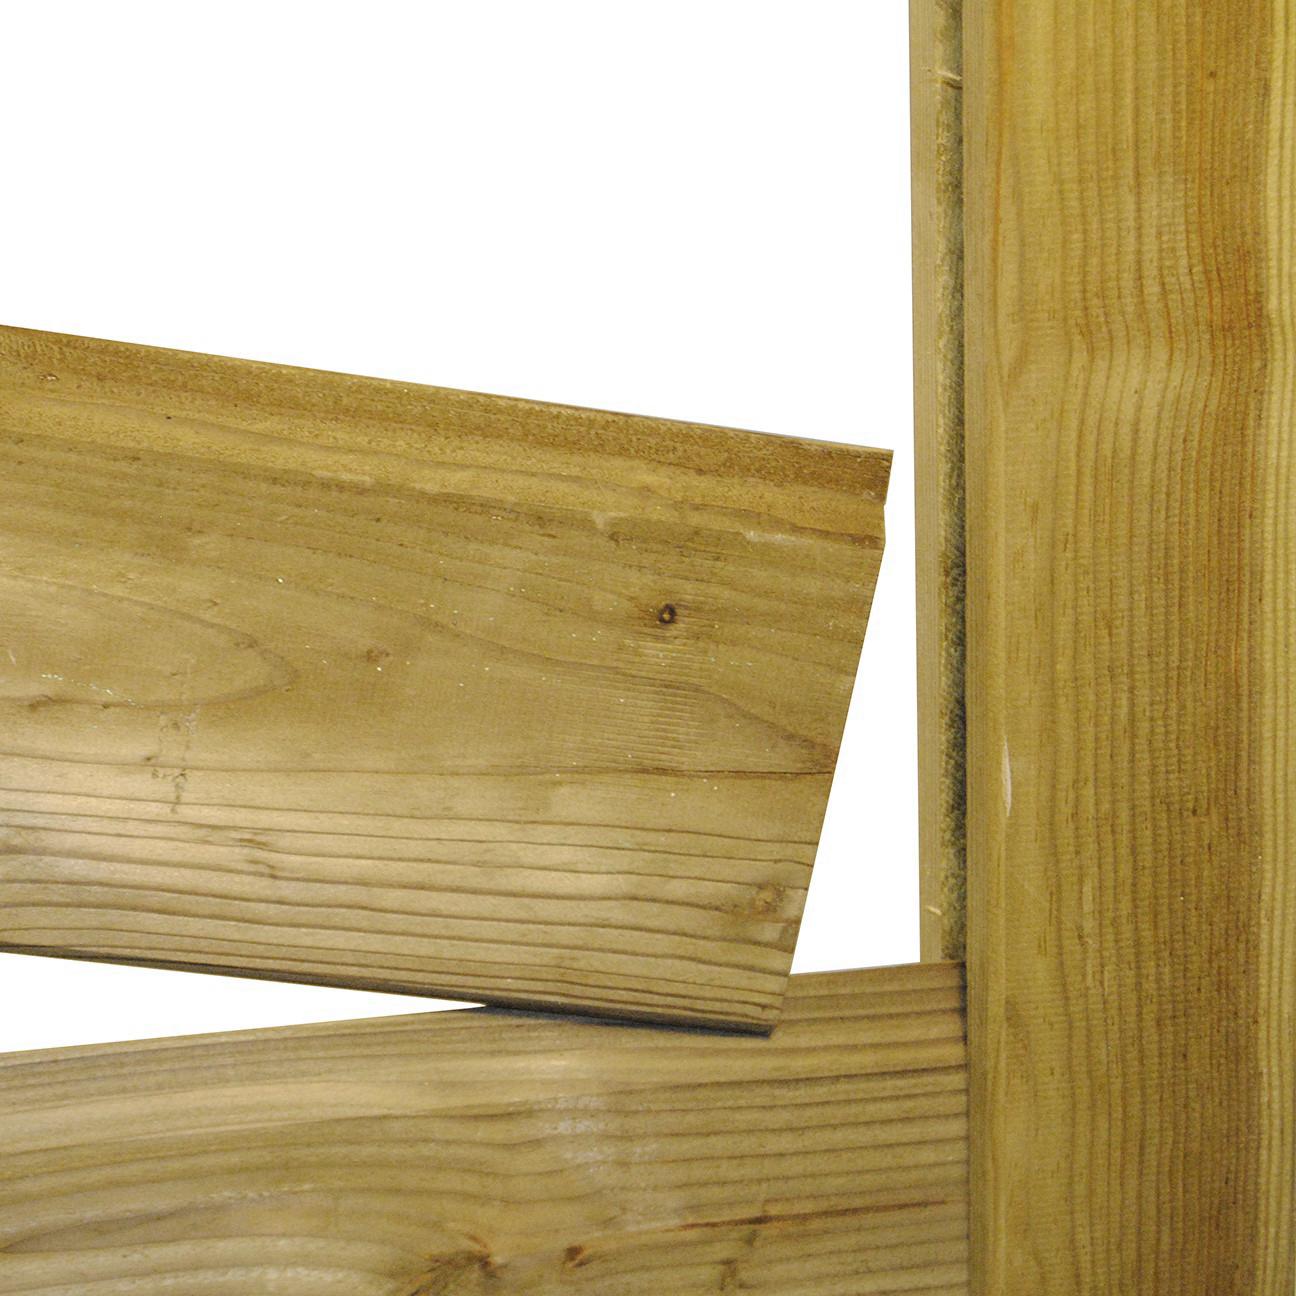 Poteau Bois Pour Terrasse poteau bois autoclave en h 9x9x240 cm pour jonction de clôture